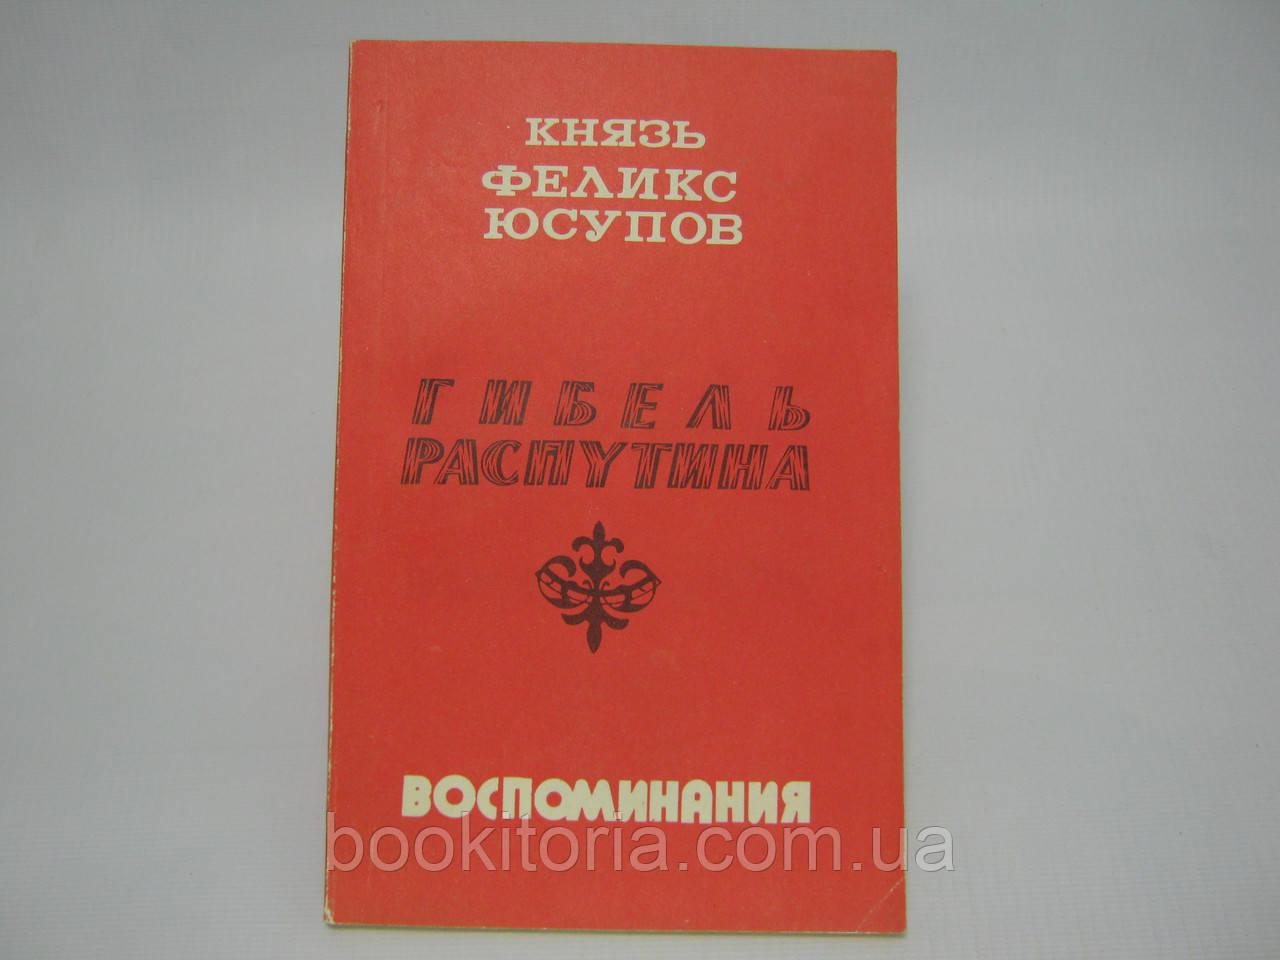 Юсупов Ф. Гибель Распутина. Воспоминания (б/у).